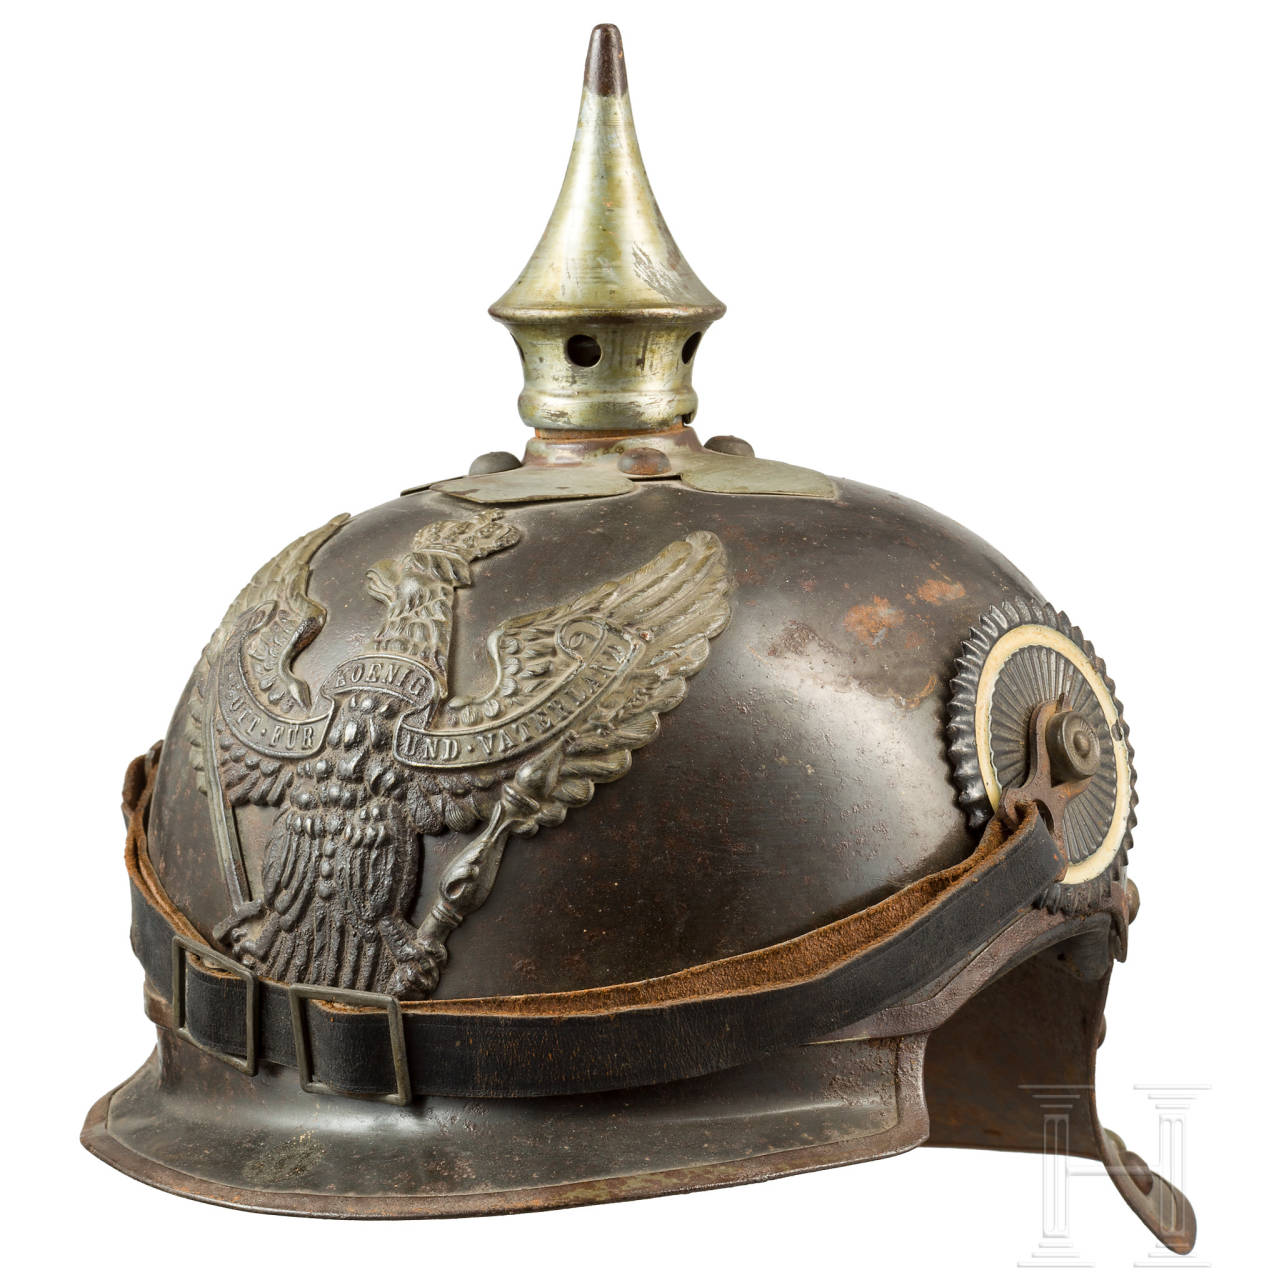 Helm M 1905 für Mannschaften der Jäger zu Pferde